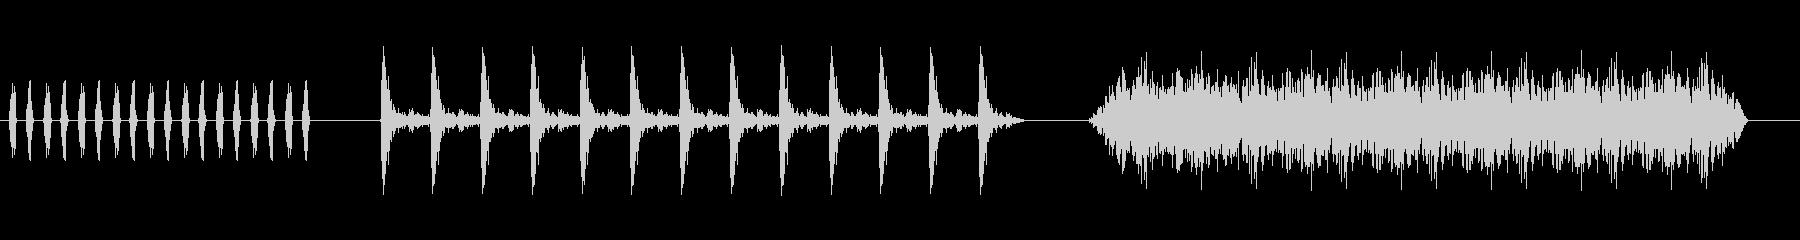 足音の未再生の波形